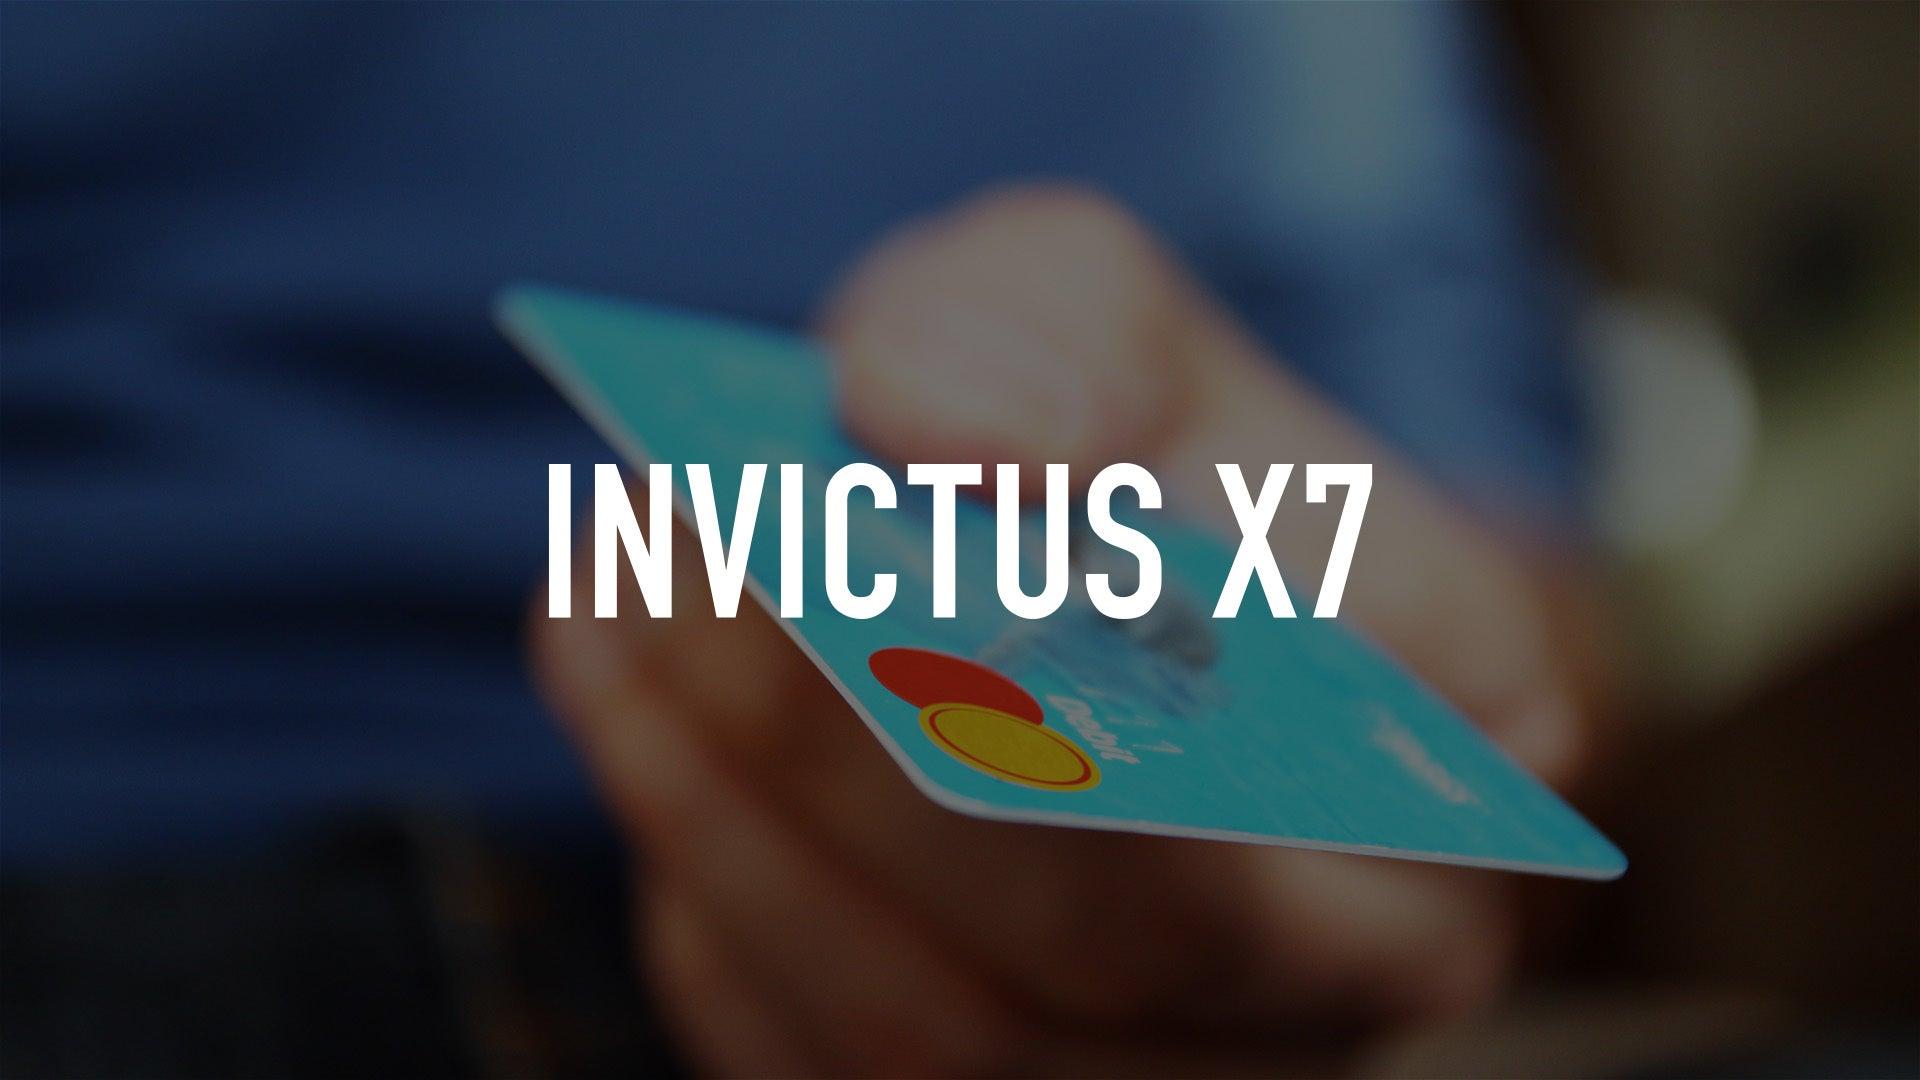 Invictus X7